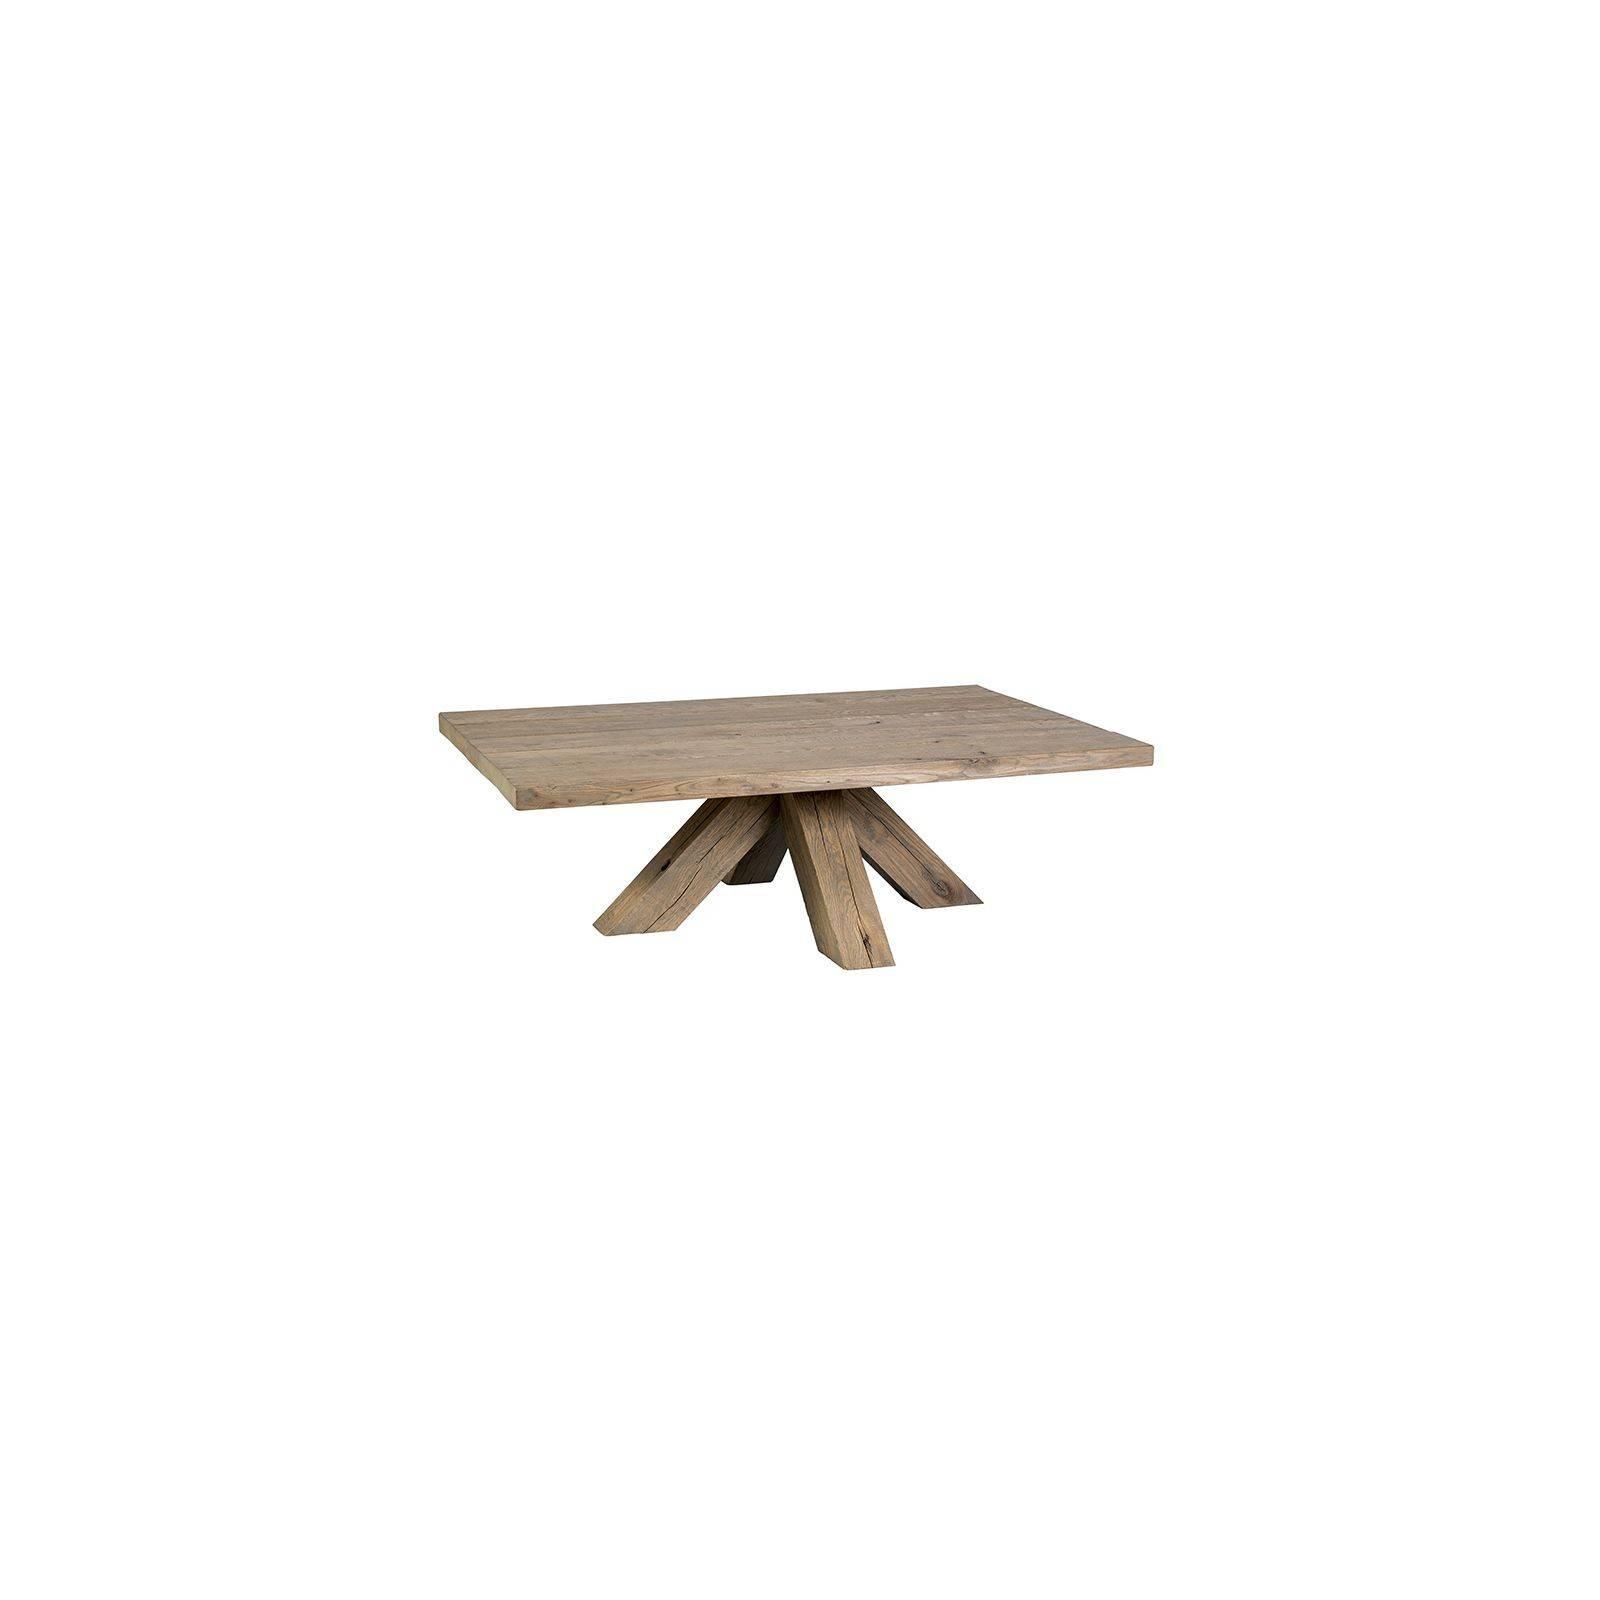 Table basse rectangulaire Victoria Chêne Massif - meuble de salon